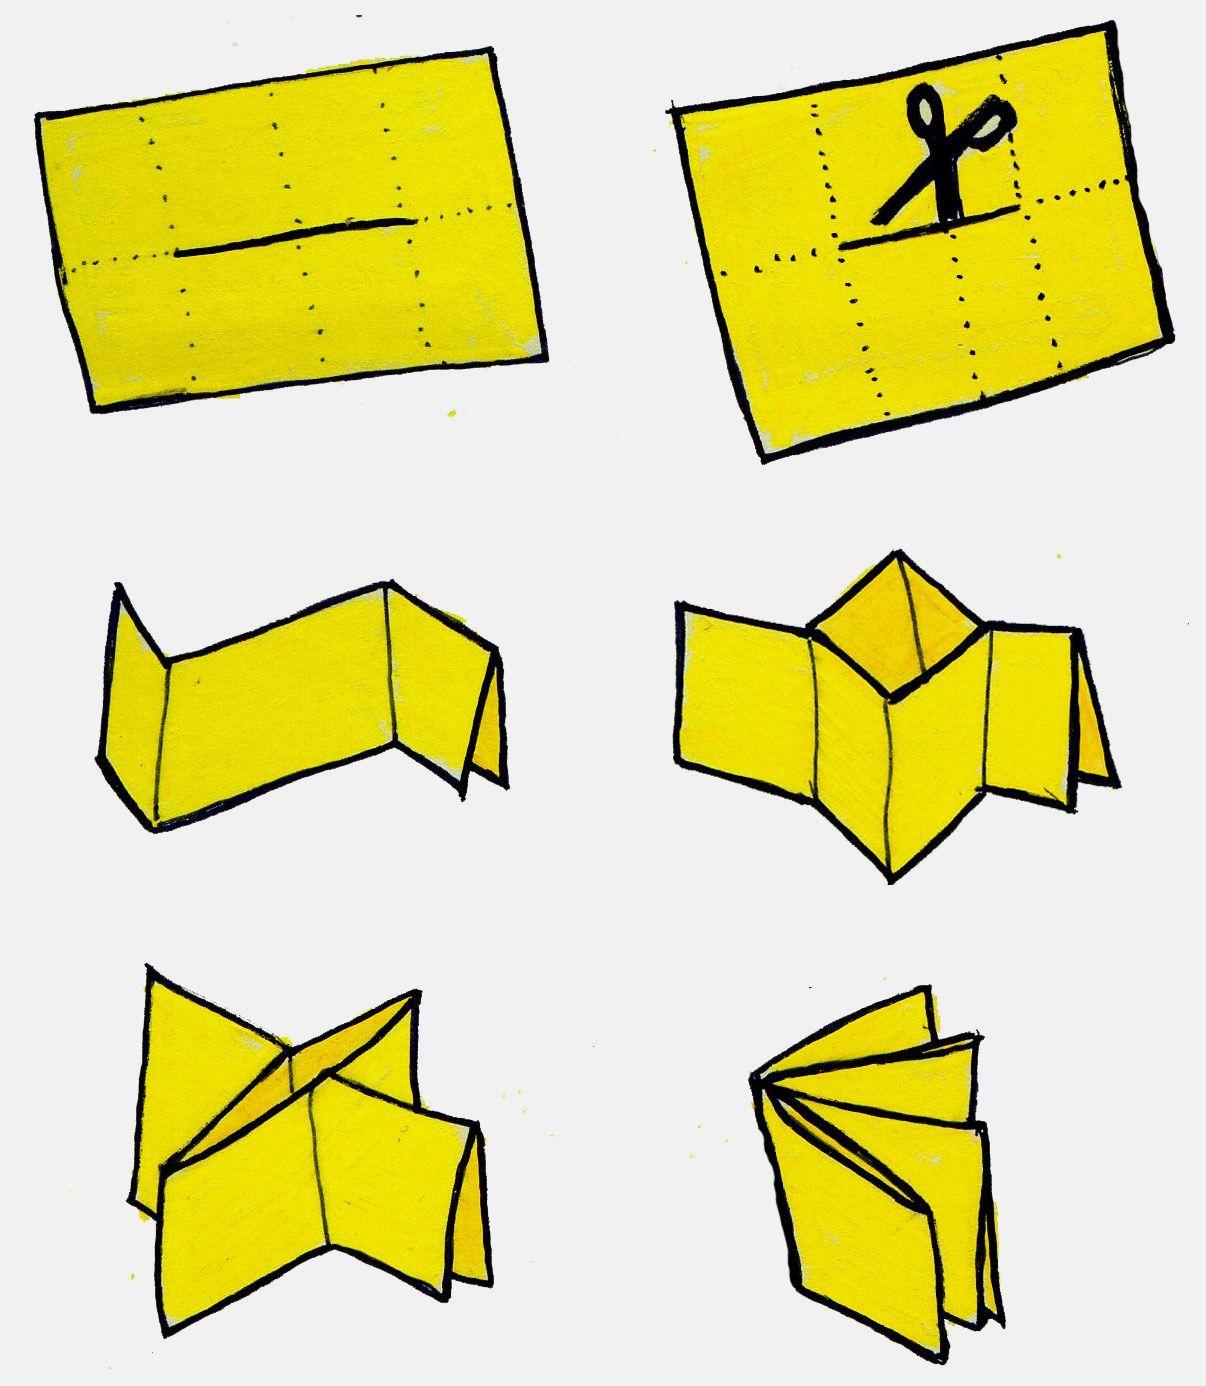 kleines heft basteln diy upcycling pinterest papier basteln und buch binden. Black Bedroom Furniture Sets. Home Design Ideas